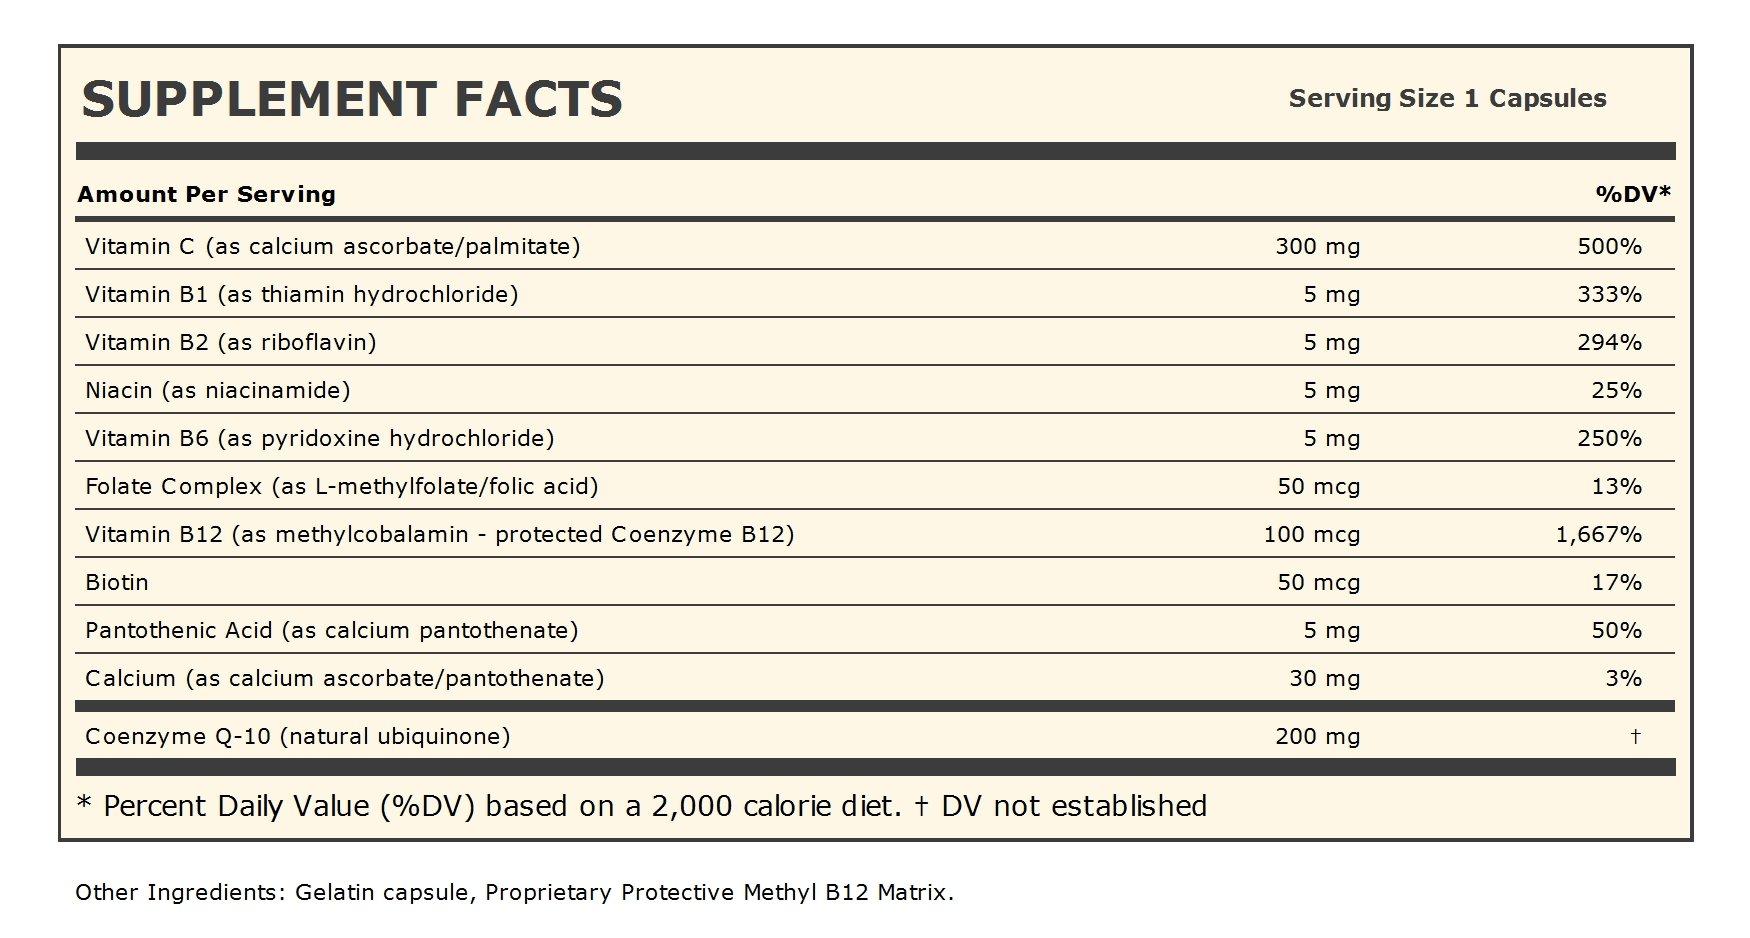 CoEnzyme Q-10 200 mg